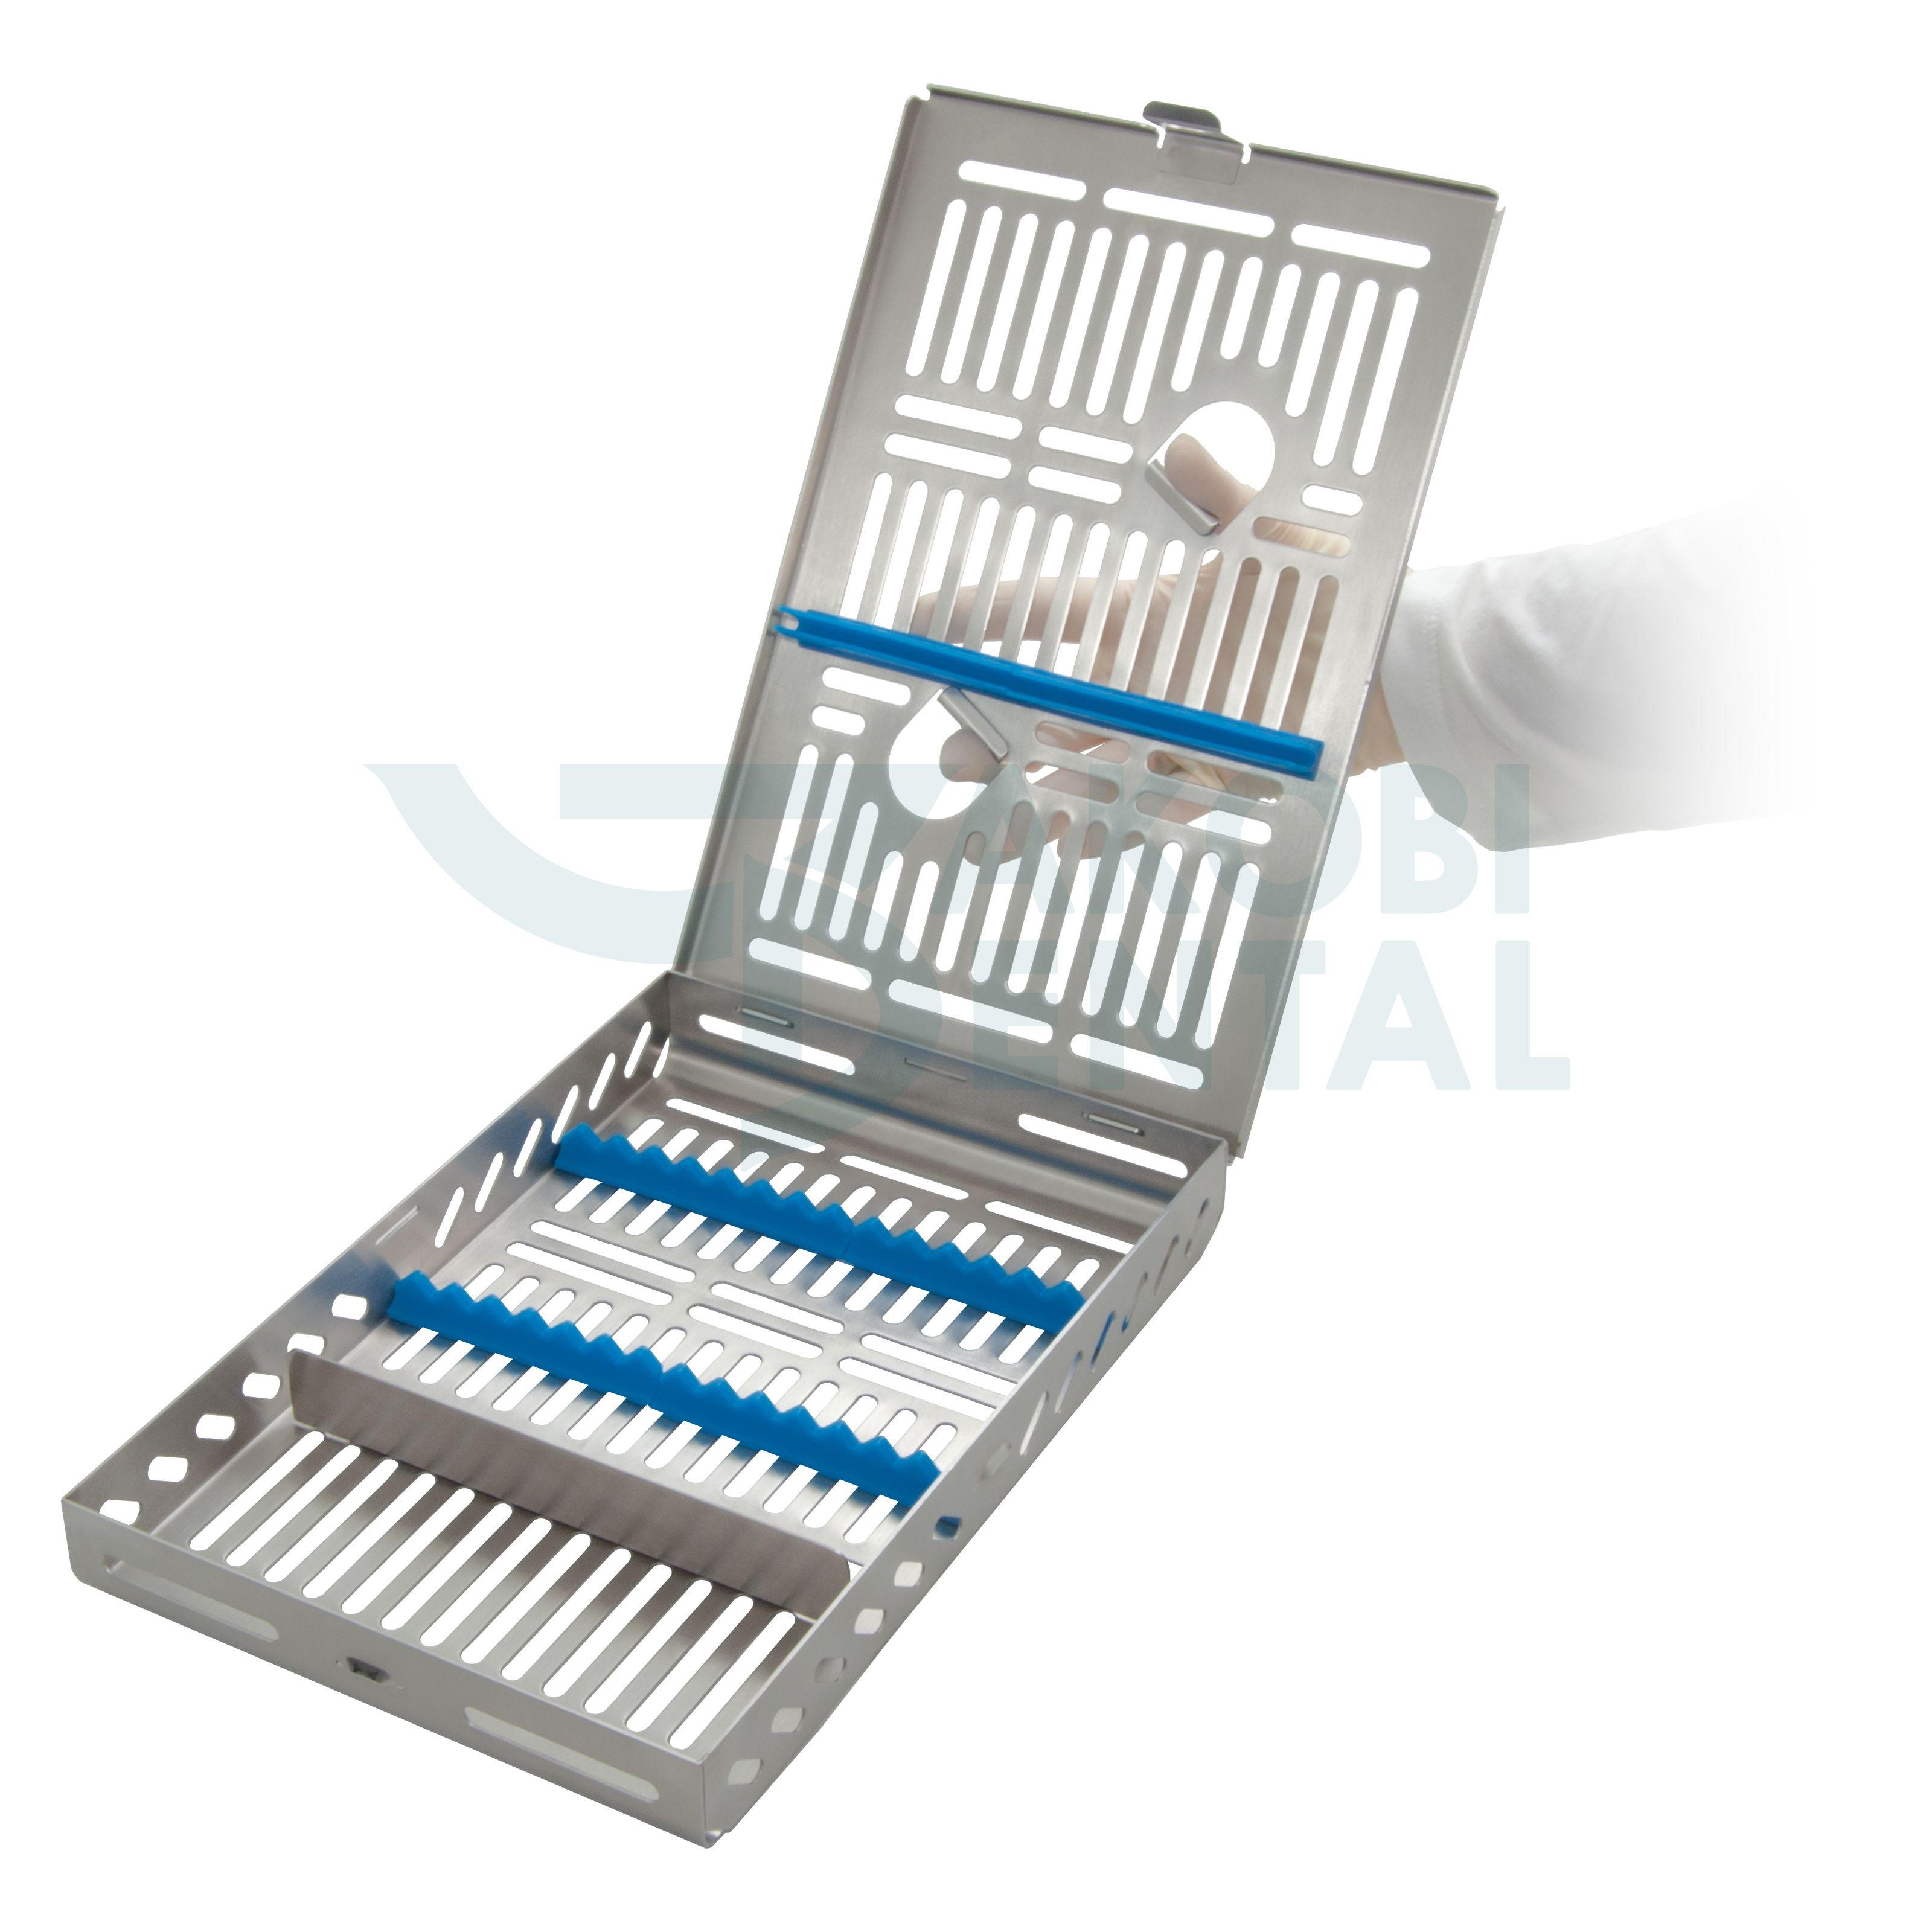 DIN Kassette / Waschtray für 14 Instr. + Extra Platz - Farbe wählbar